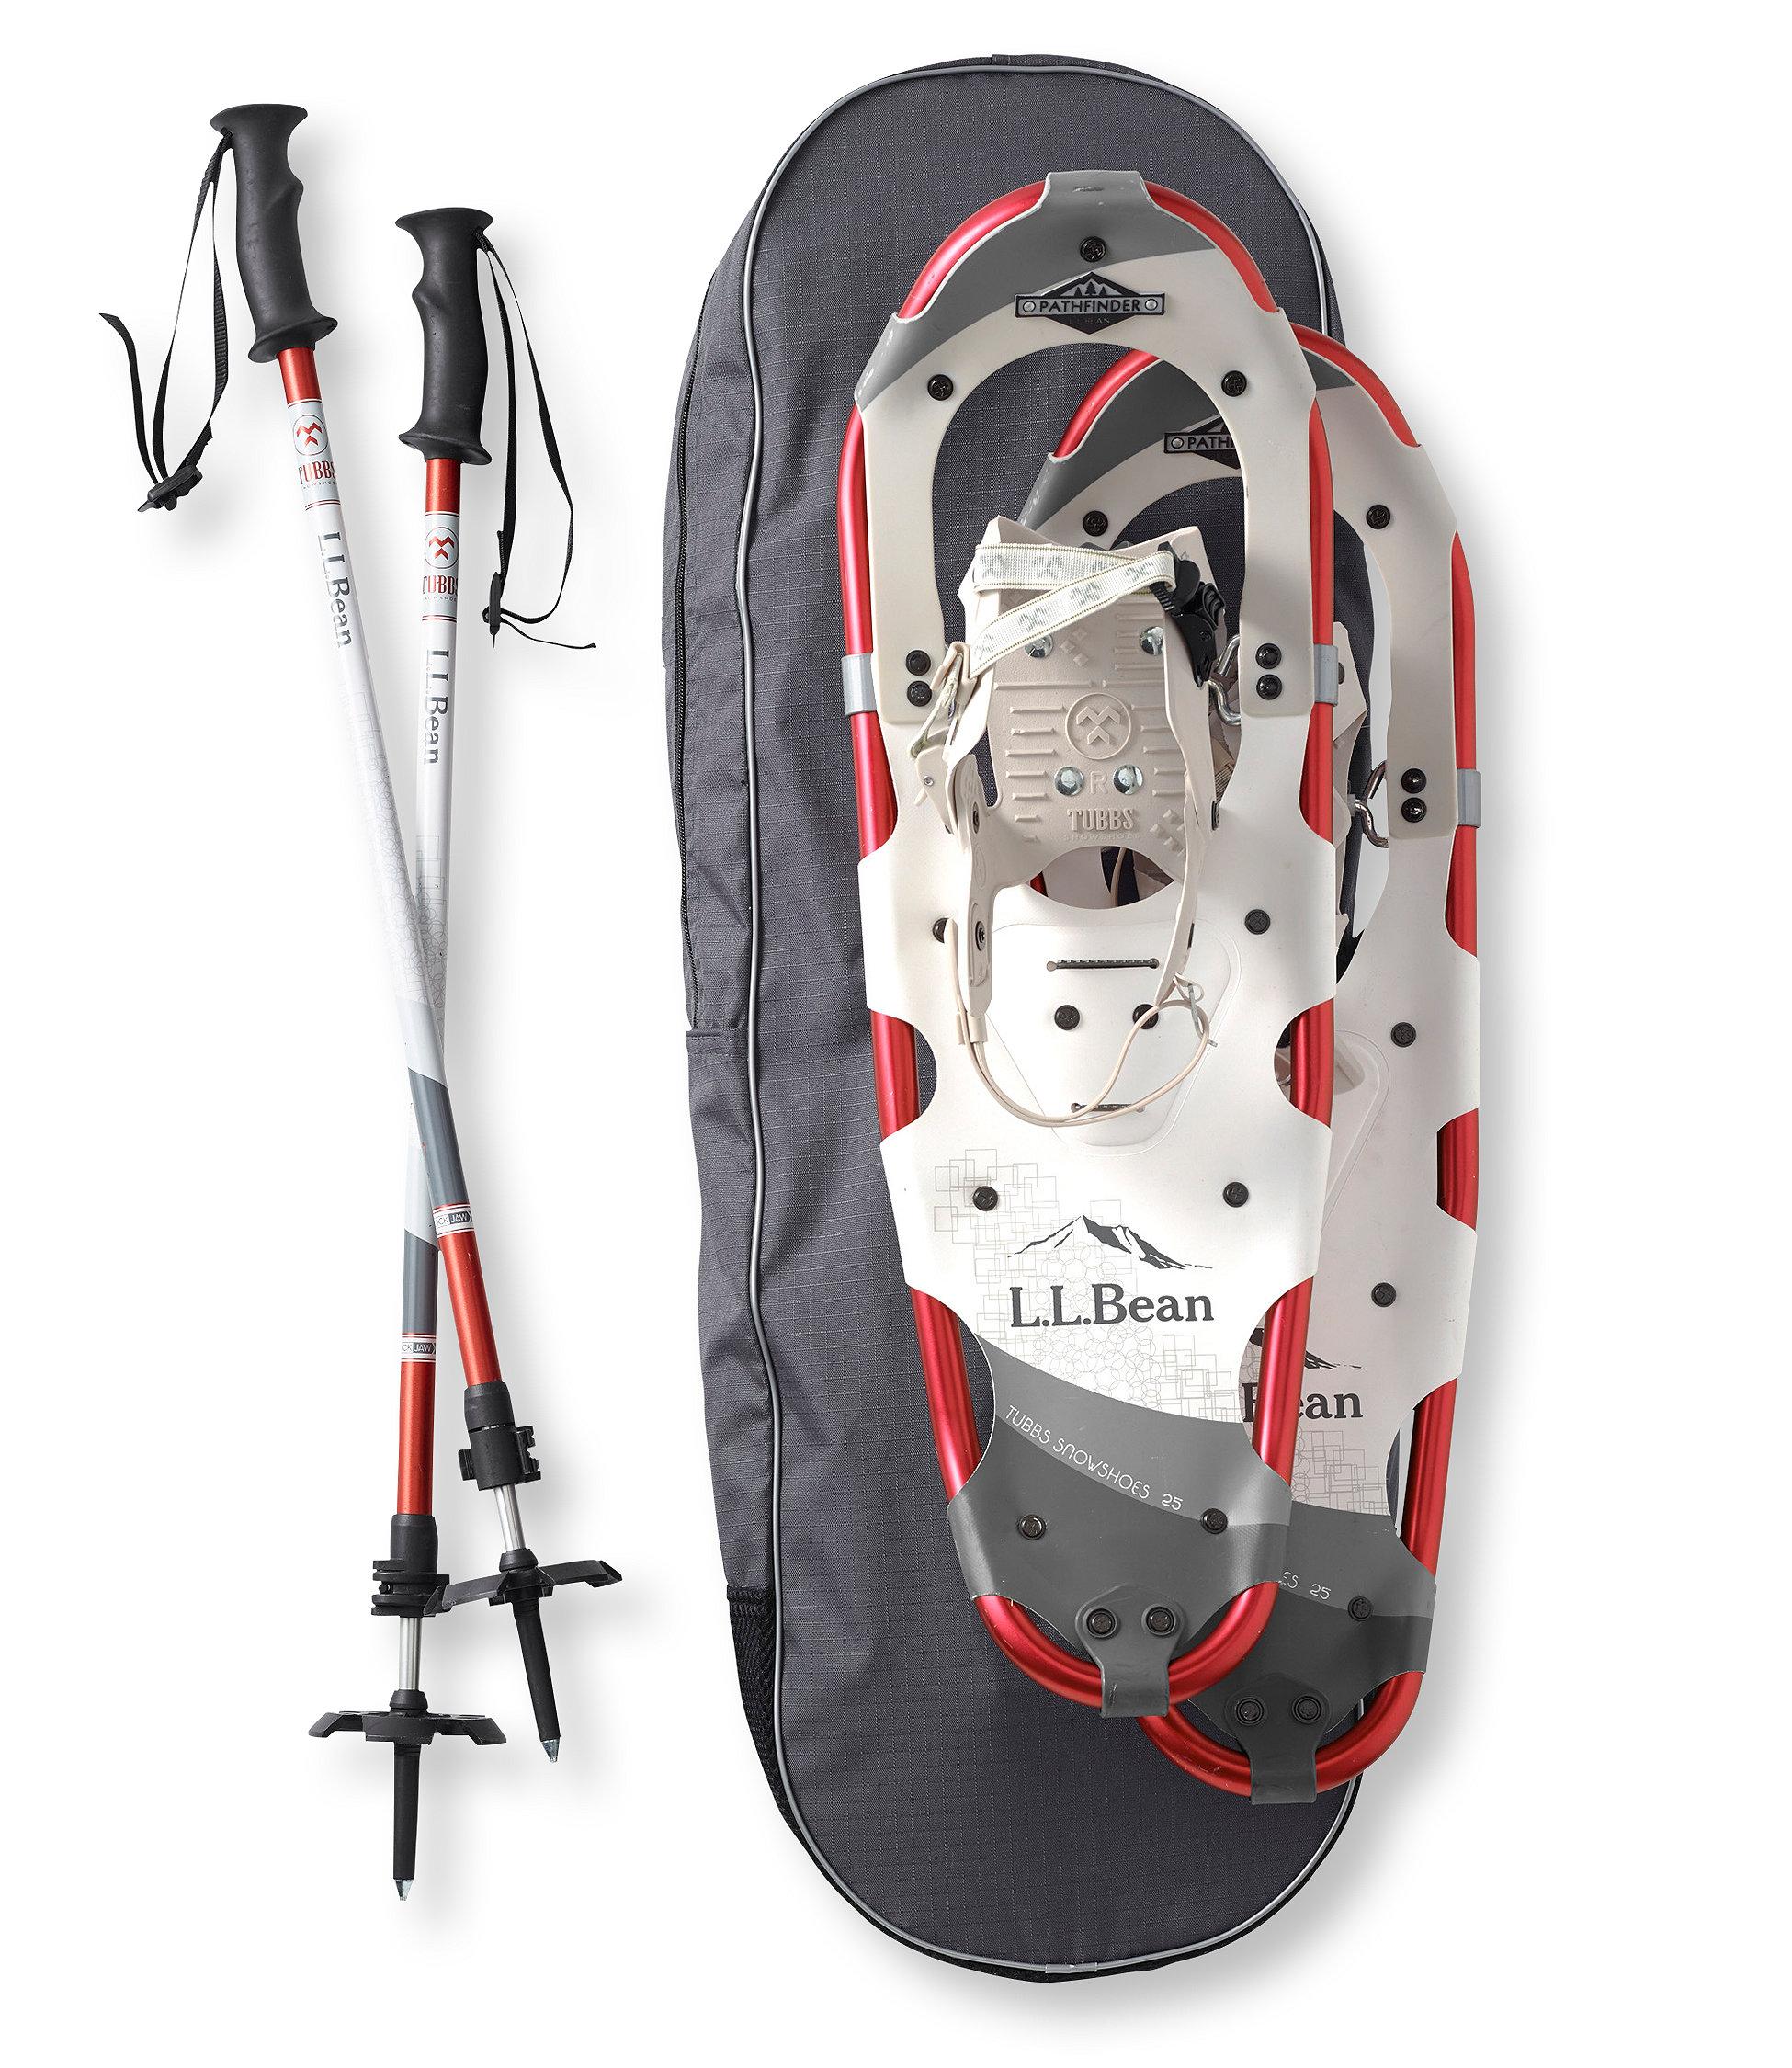 L.L.Bean Pathfinder Snowshoe